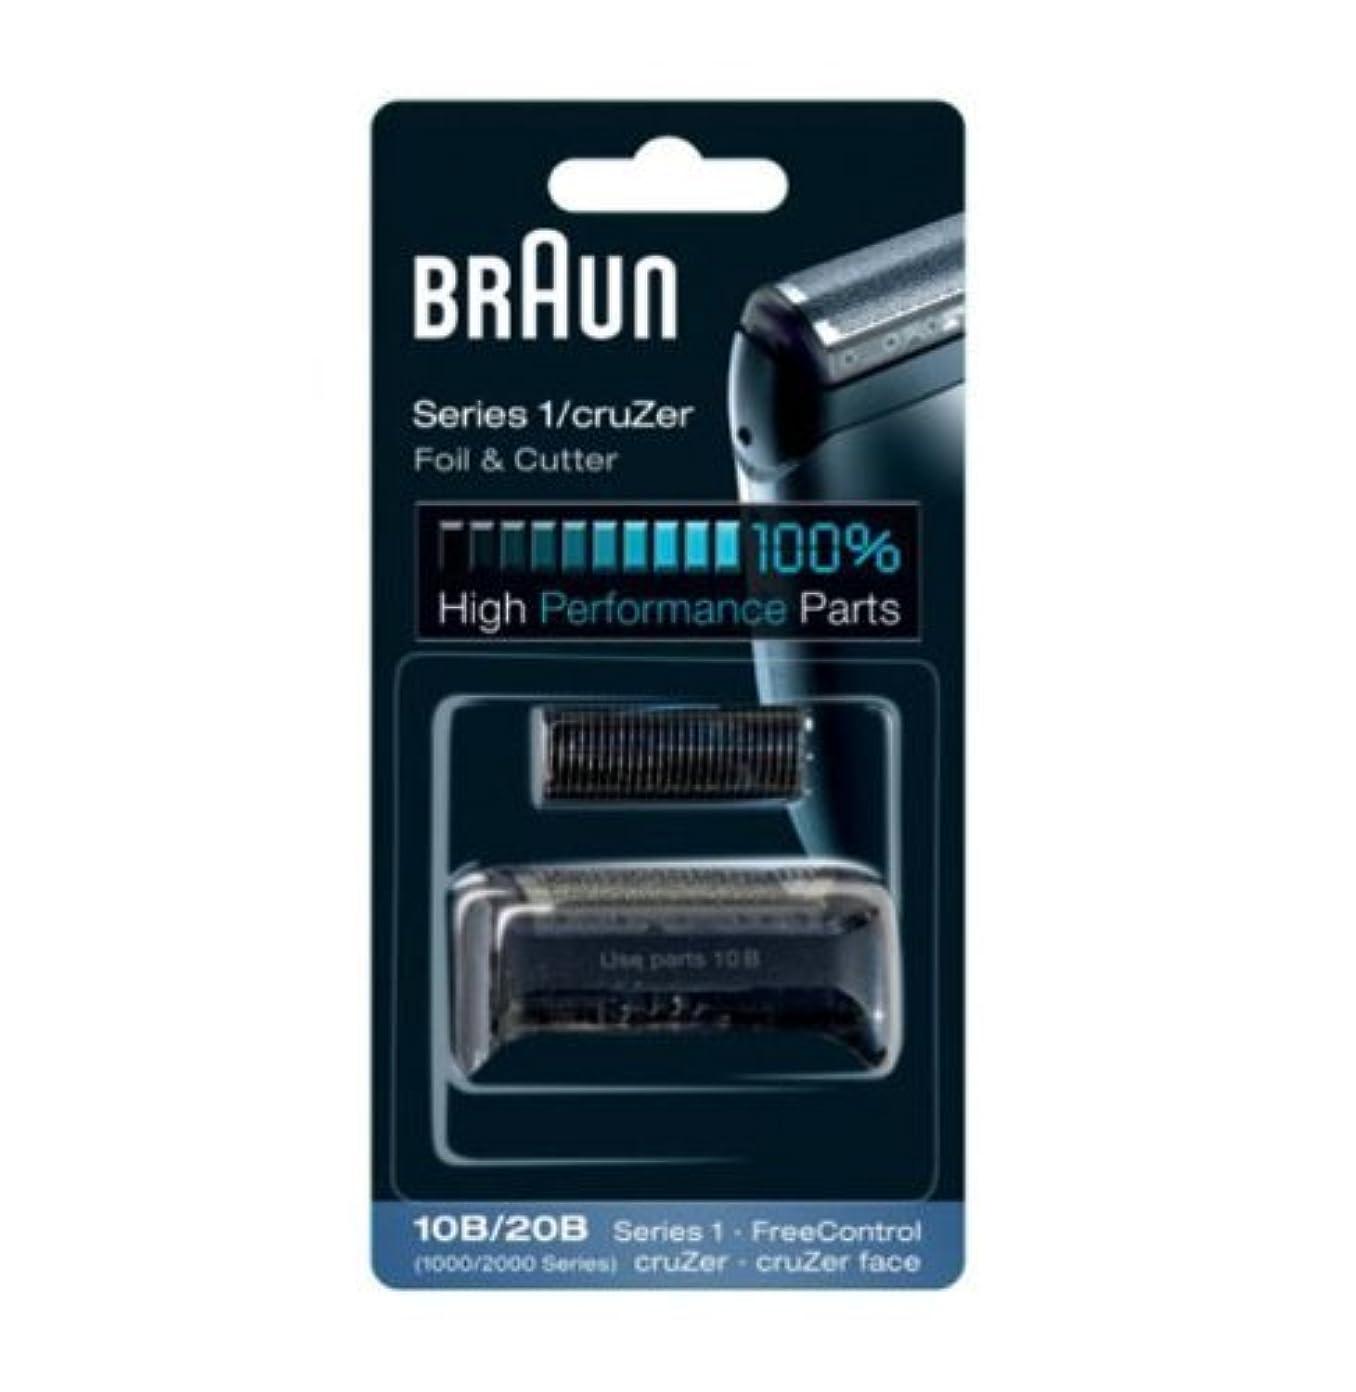 仕事高架金貸しBraun Replacement Foil & Cutter - 10B, Series 1,FreeControl - 1000 Series by Braun [並行輸入品]